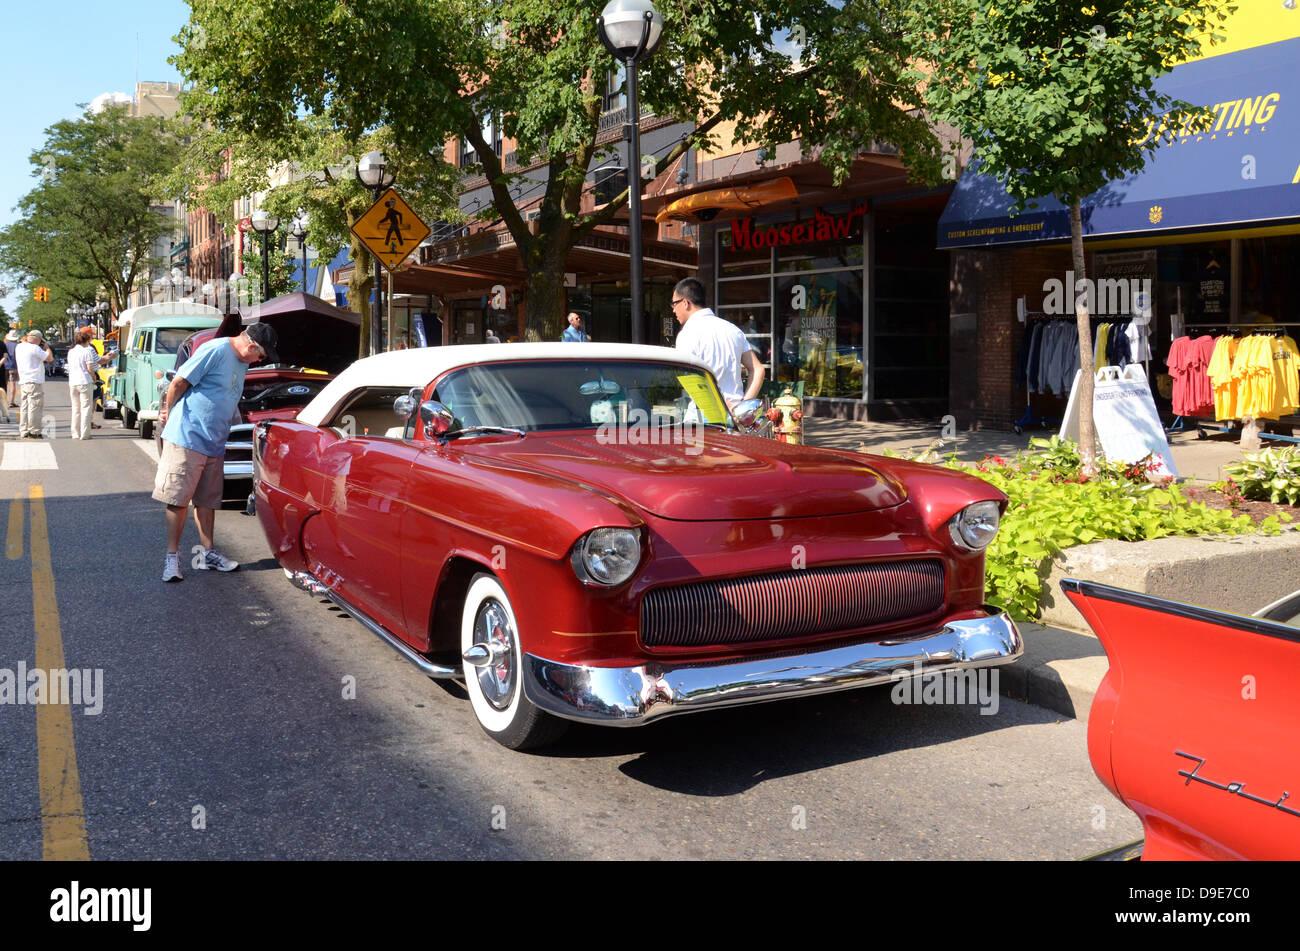 1955 Chevrolet Am Rollenden Skulptur Auto Show 13 Juli 2012 In Ann